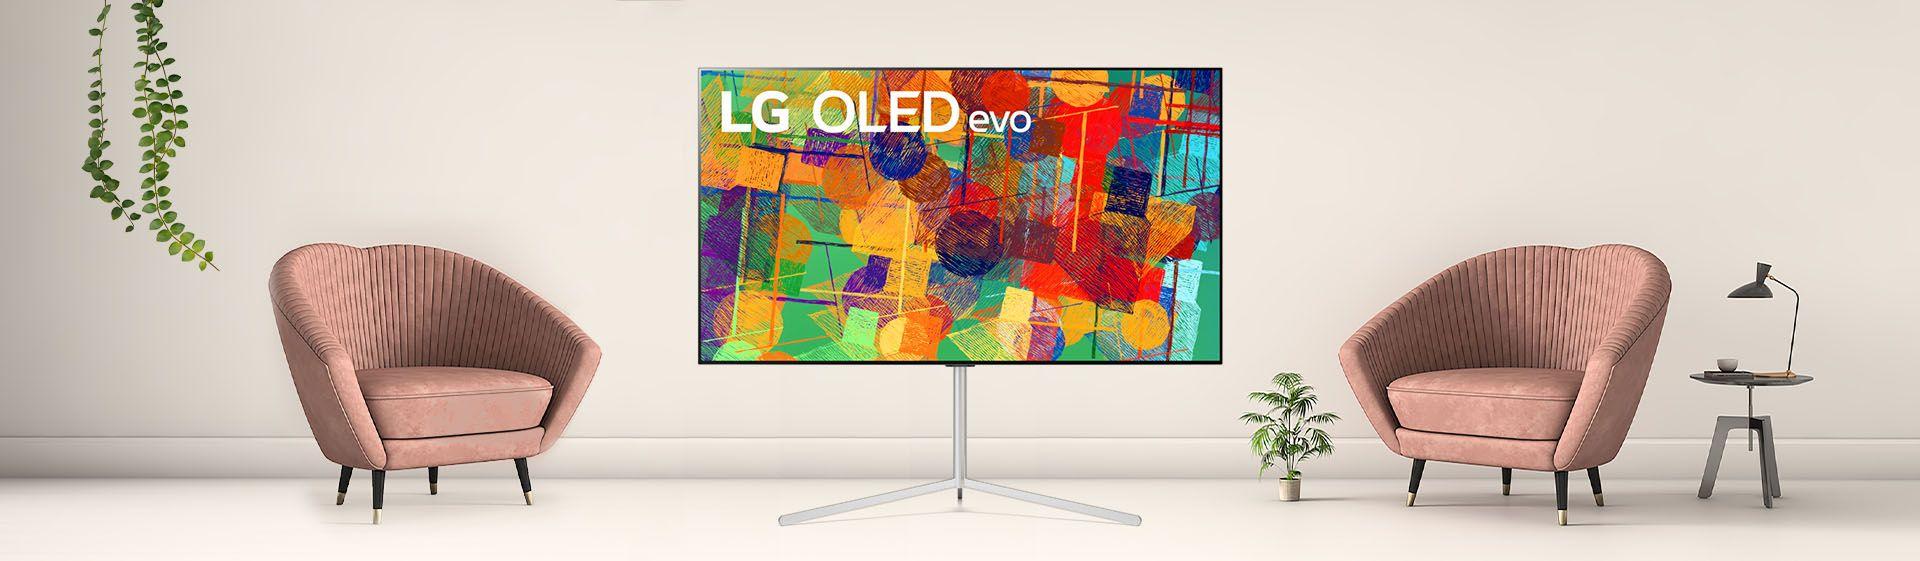 CES 2021: lançamentos da LG incluem novas TVs OLED e tela QNED MiniLED